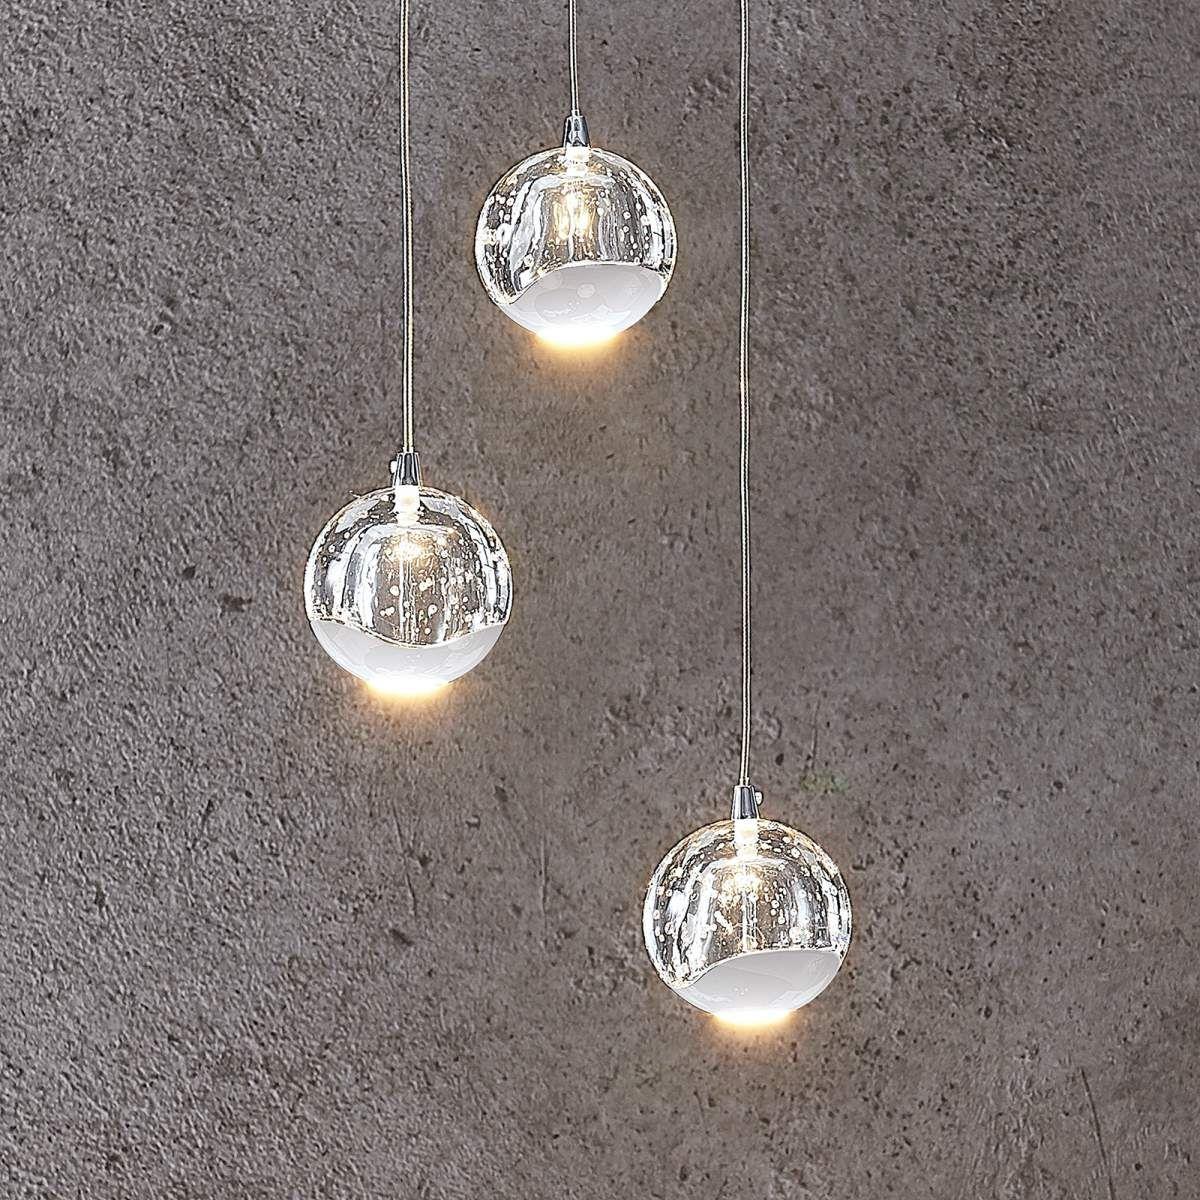 LED Pendel Lampe Ess Zimmer Glas Spot Beleuchtung Chrom Kugel Hänge Leuchte klar